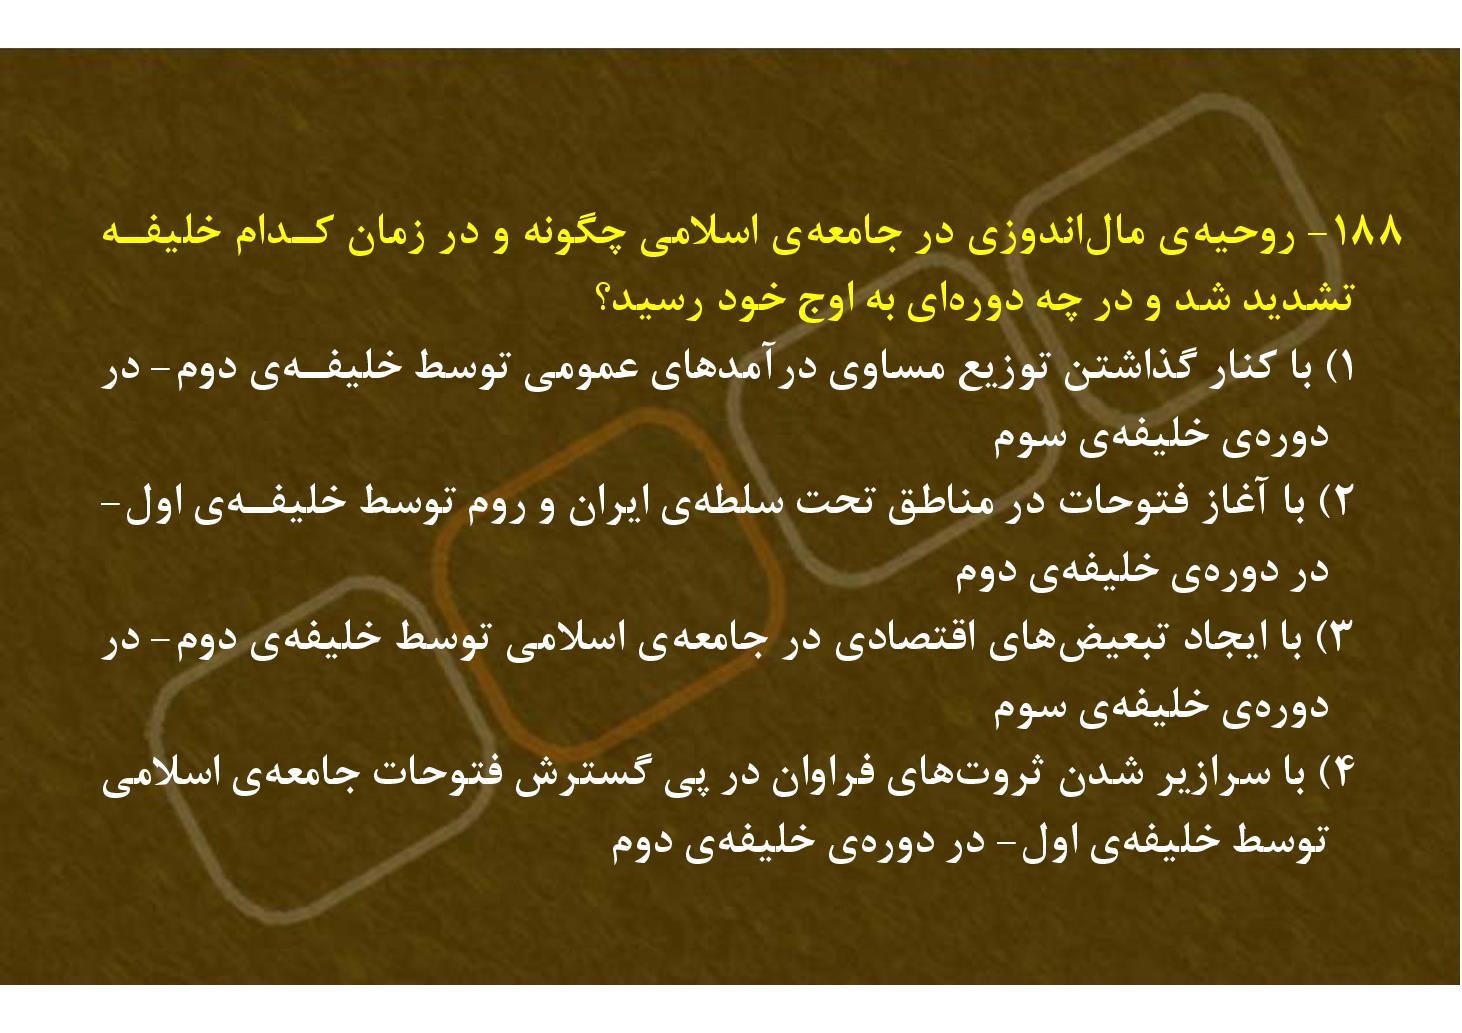 خلافت عثمان بن عفان (PDF)